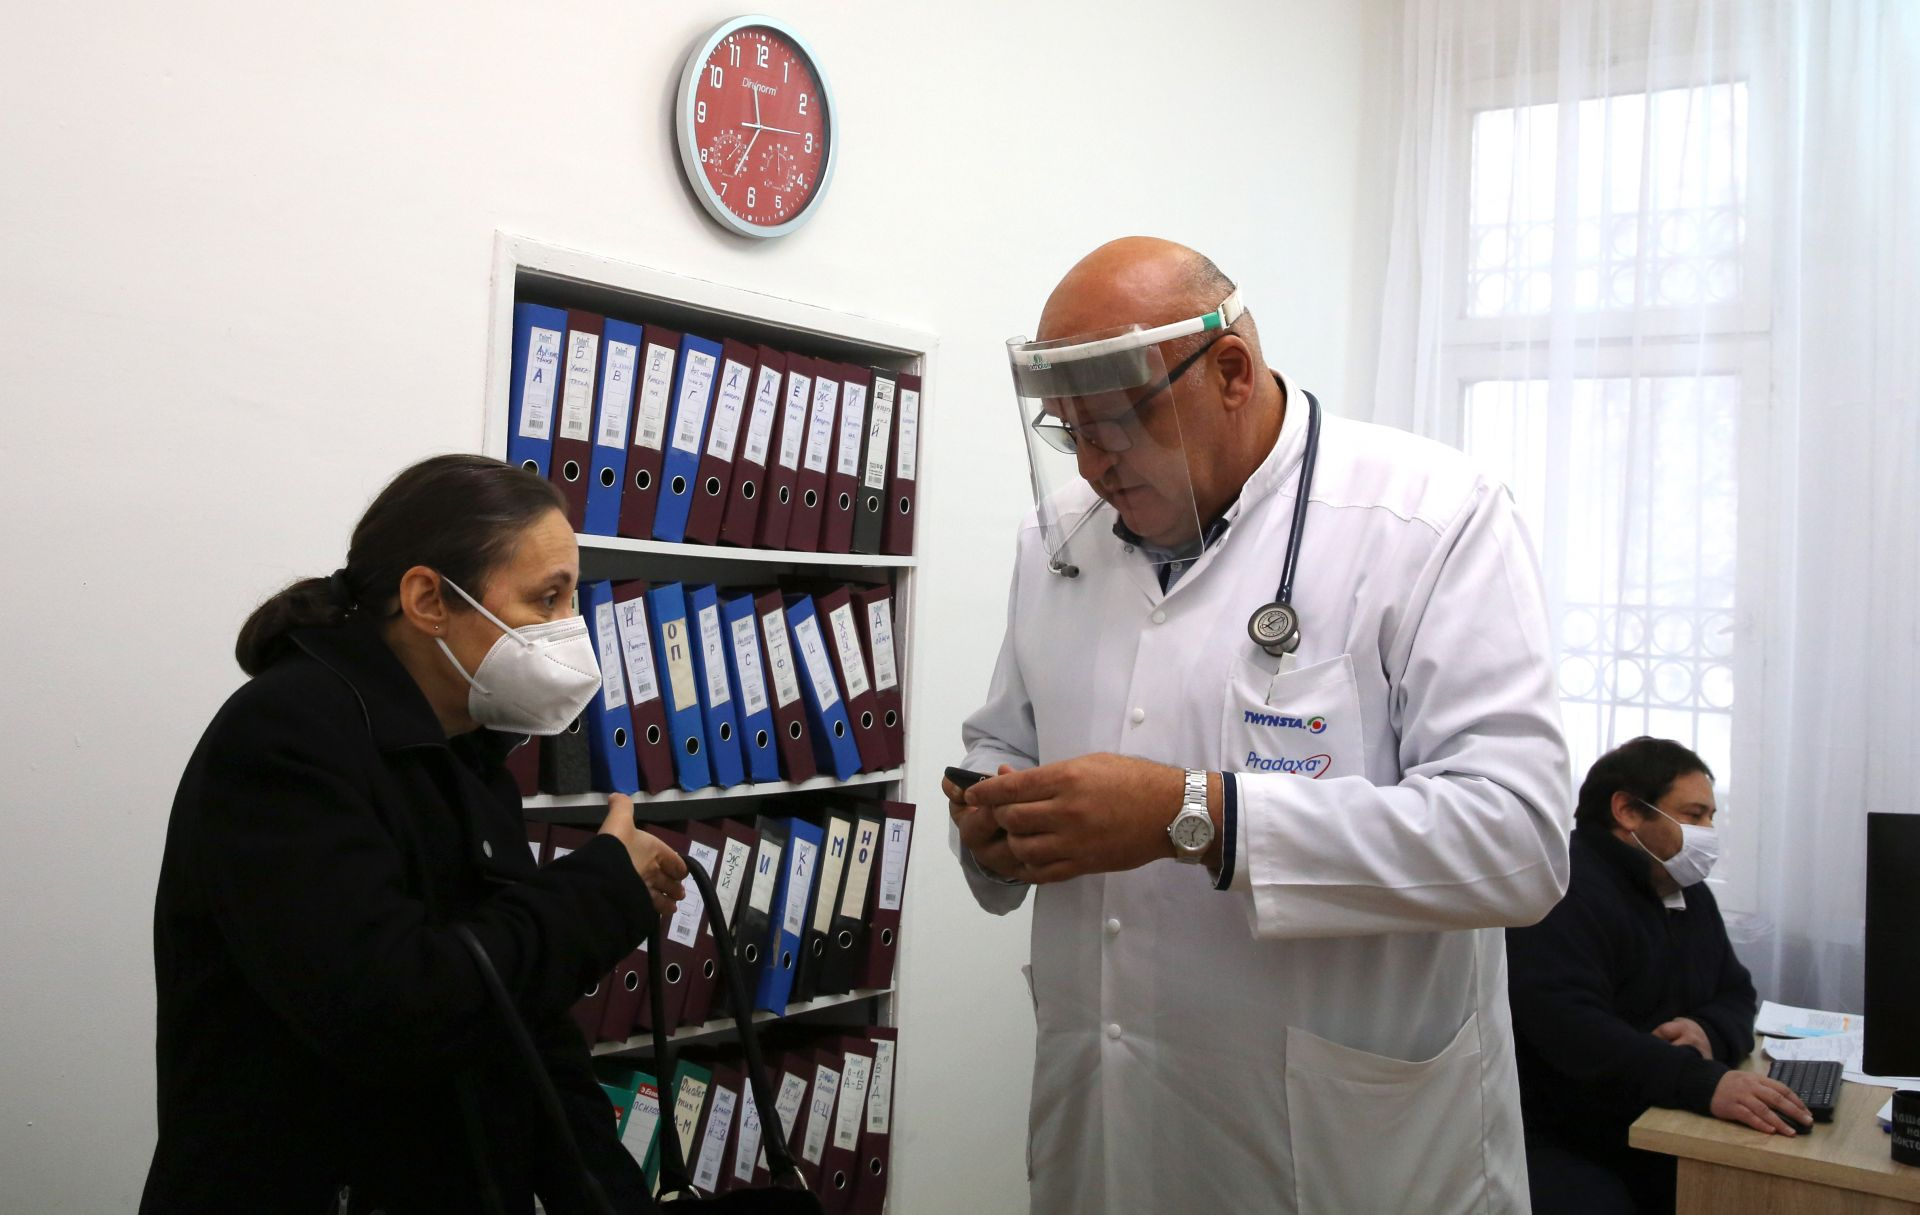 """Заместник-министърът на здравеопазването Жени Начева(ляво) и представител на """"Информационно обслужване"""" направиха демонстрация на системата за издаване на електронно направление за безплатен PCR-тест от личен лекар"""